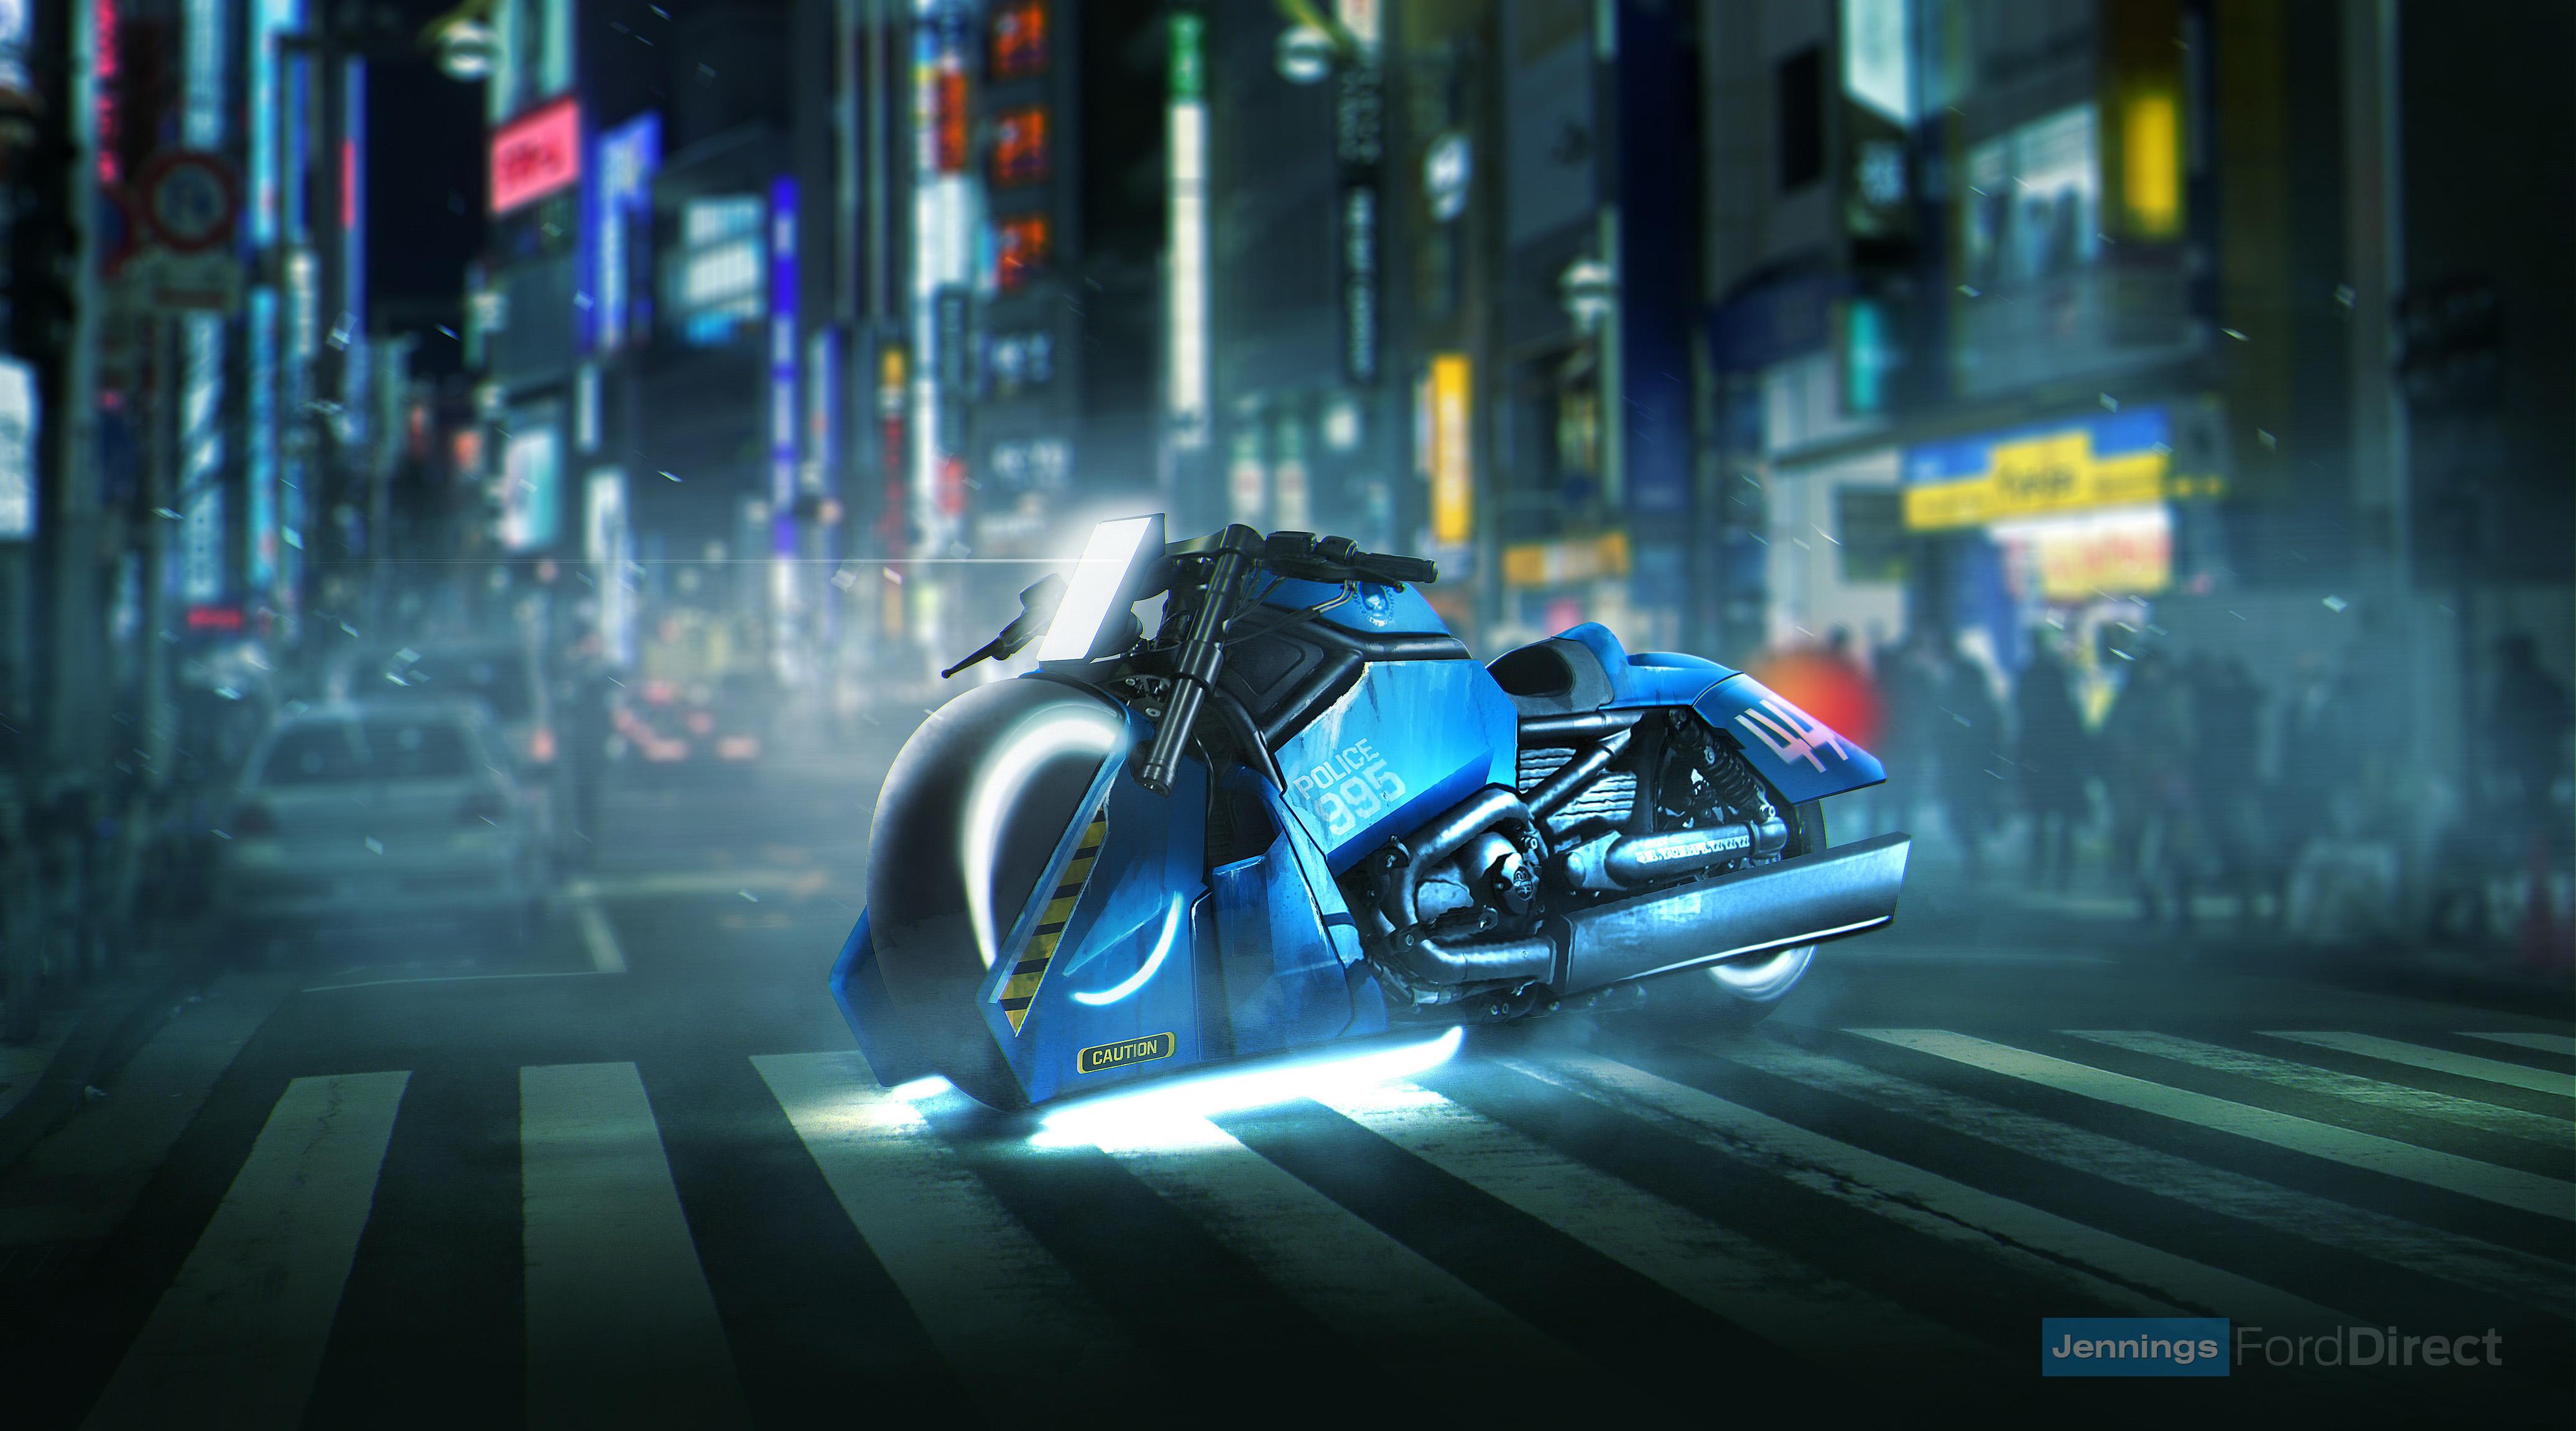 Blade Runner Spinner Bike Harley Davidson V Rod Muscle Hd